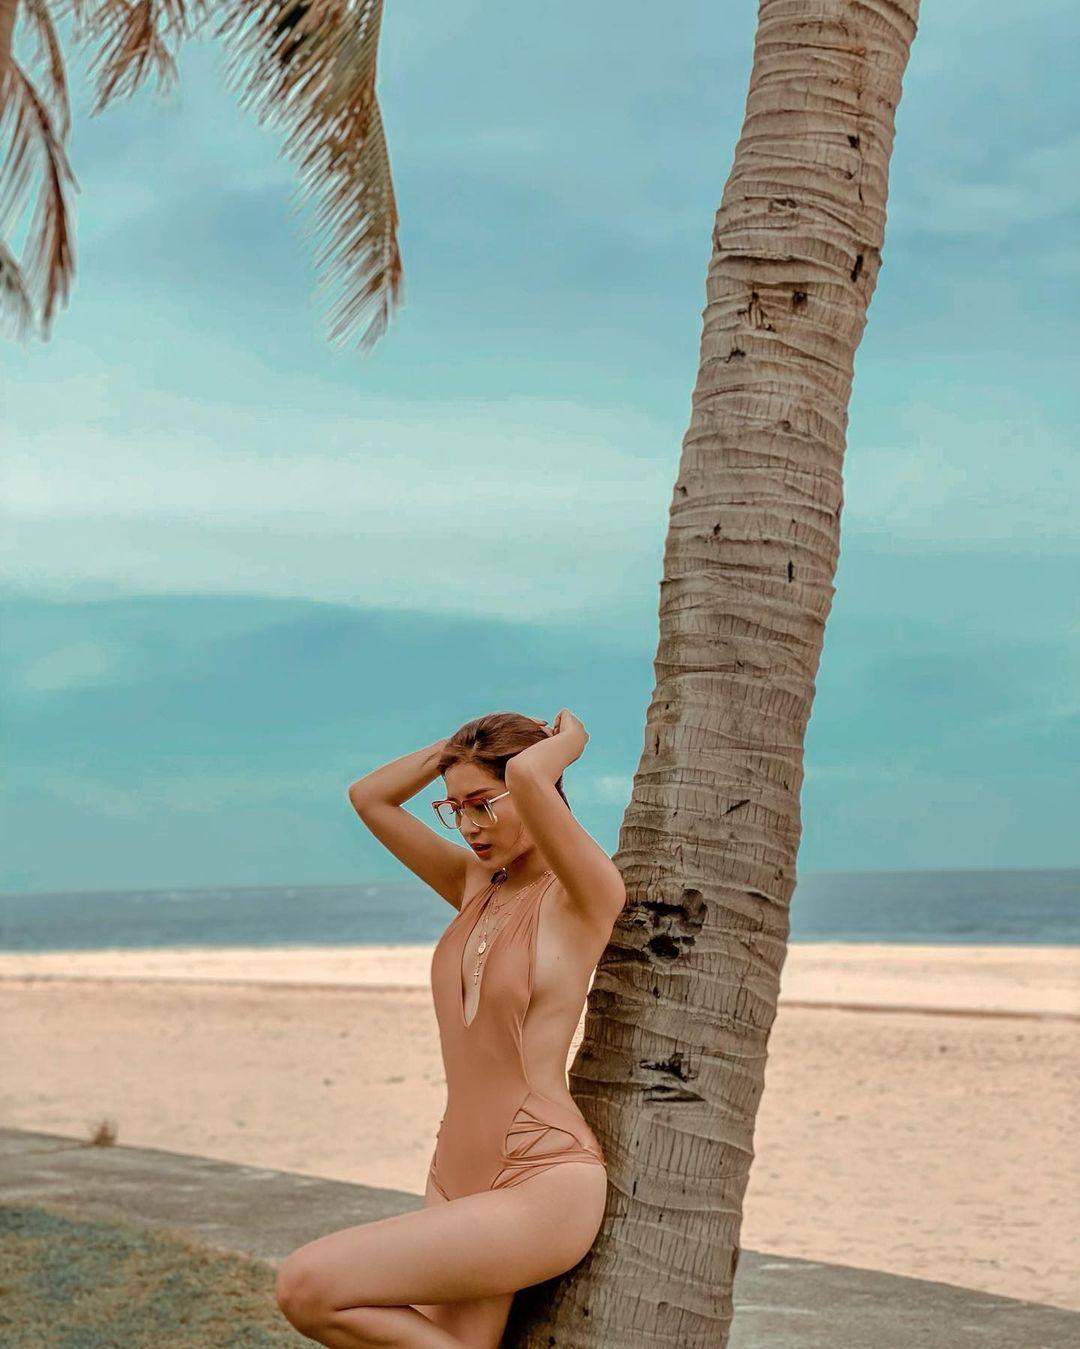 """Cô gái Việt được báo xứ Trung tung hô có khuôn ngực đẹp như """"đệ nhất vòng 1"""" nước này - hình ảnh 9"""